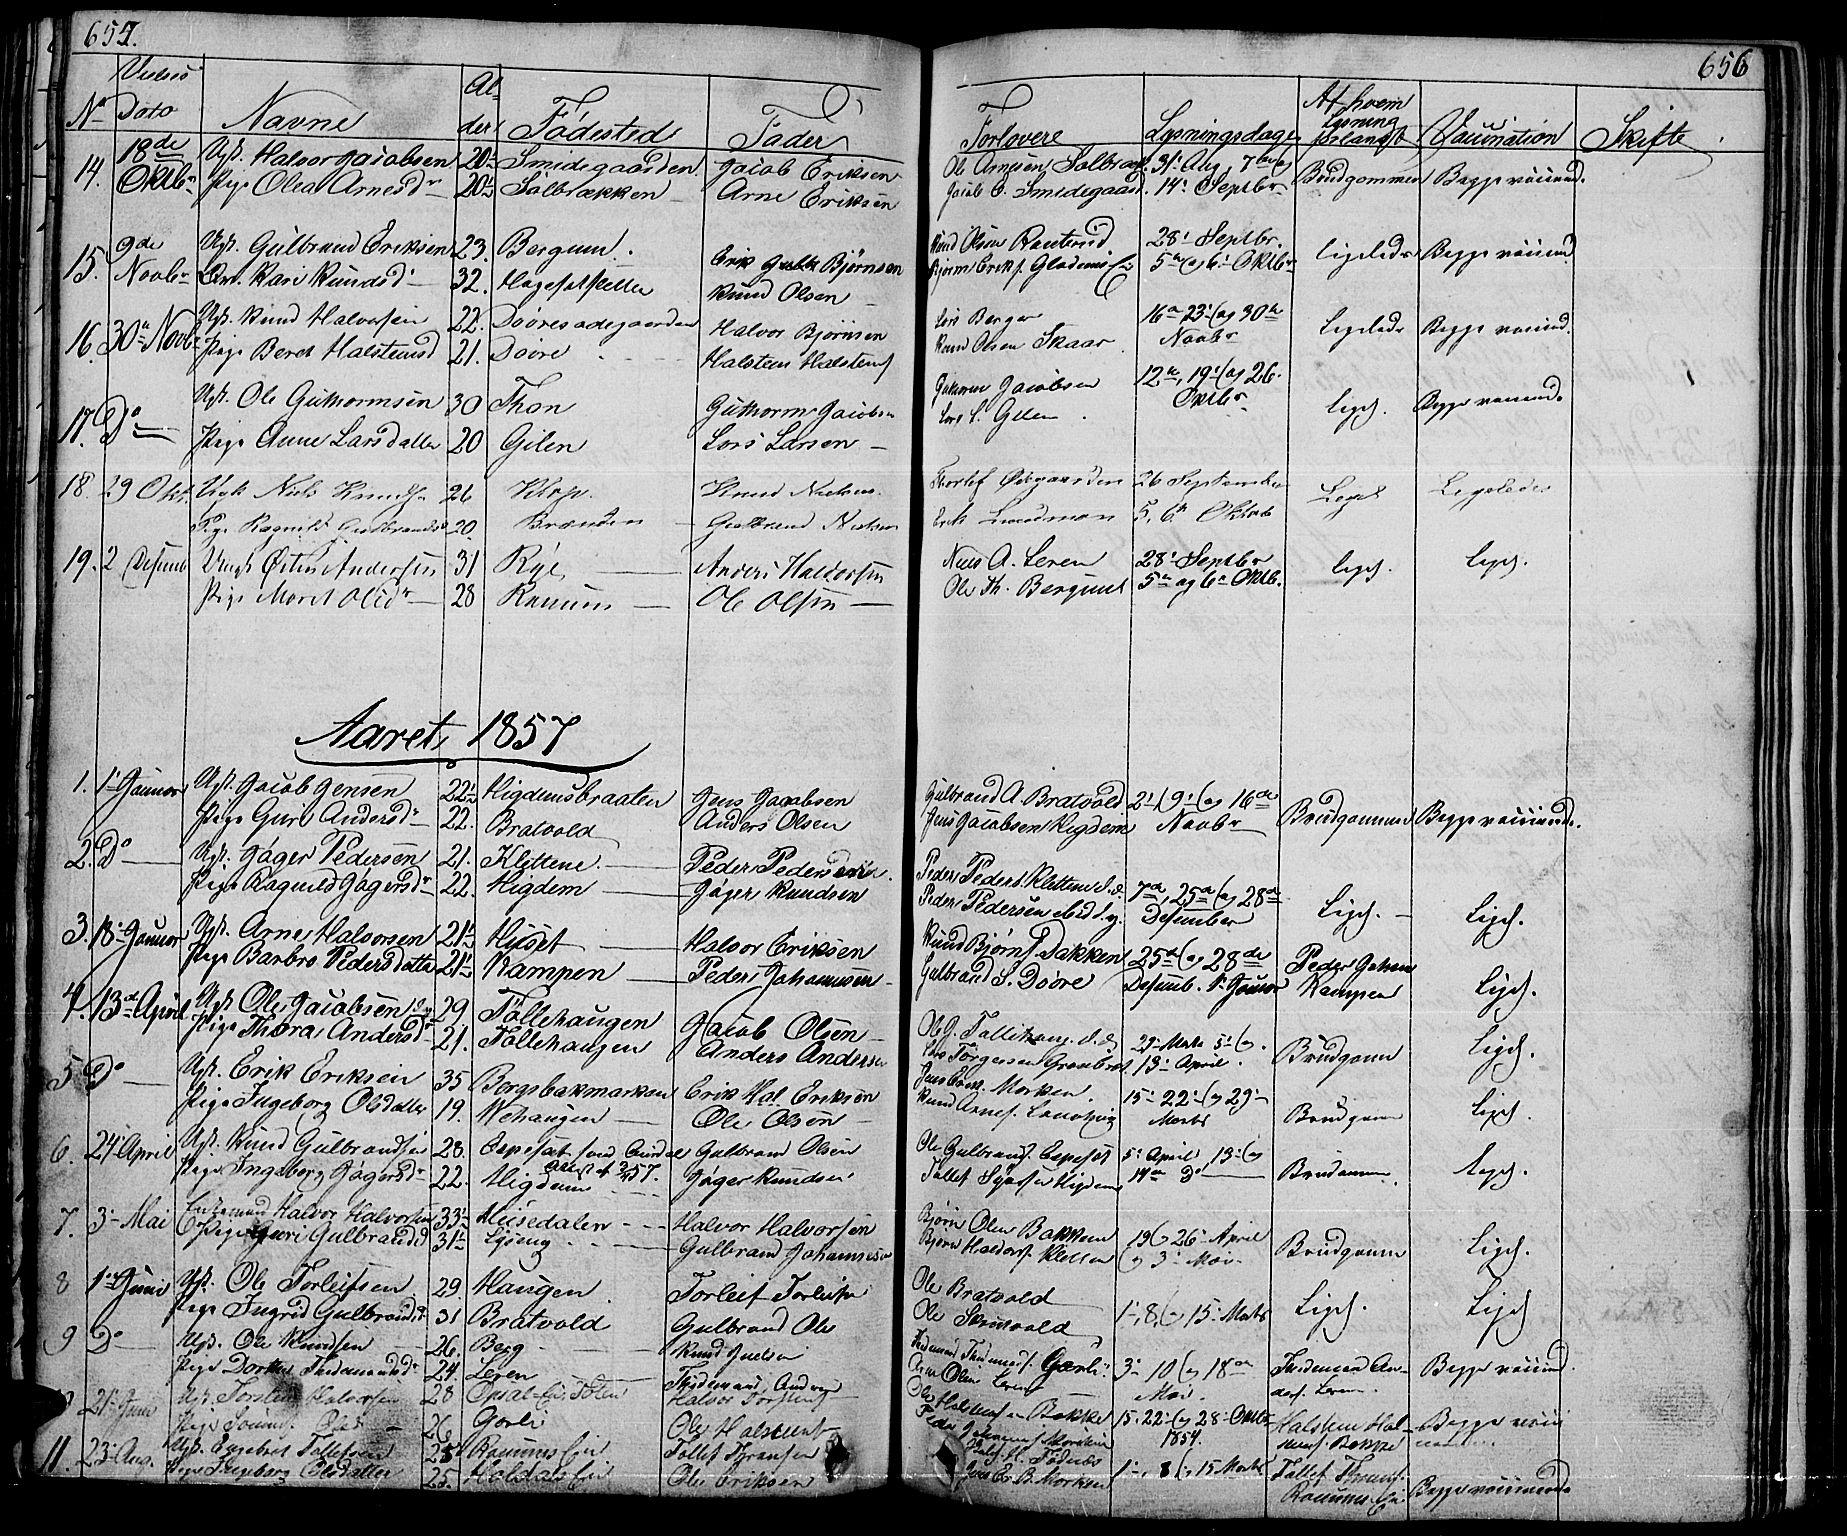 SAH, Nord-Aurdal prestekontor, Klokkerbok nr. 1, 1834-1887, s. 655-656